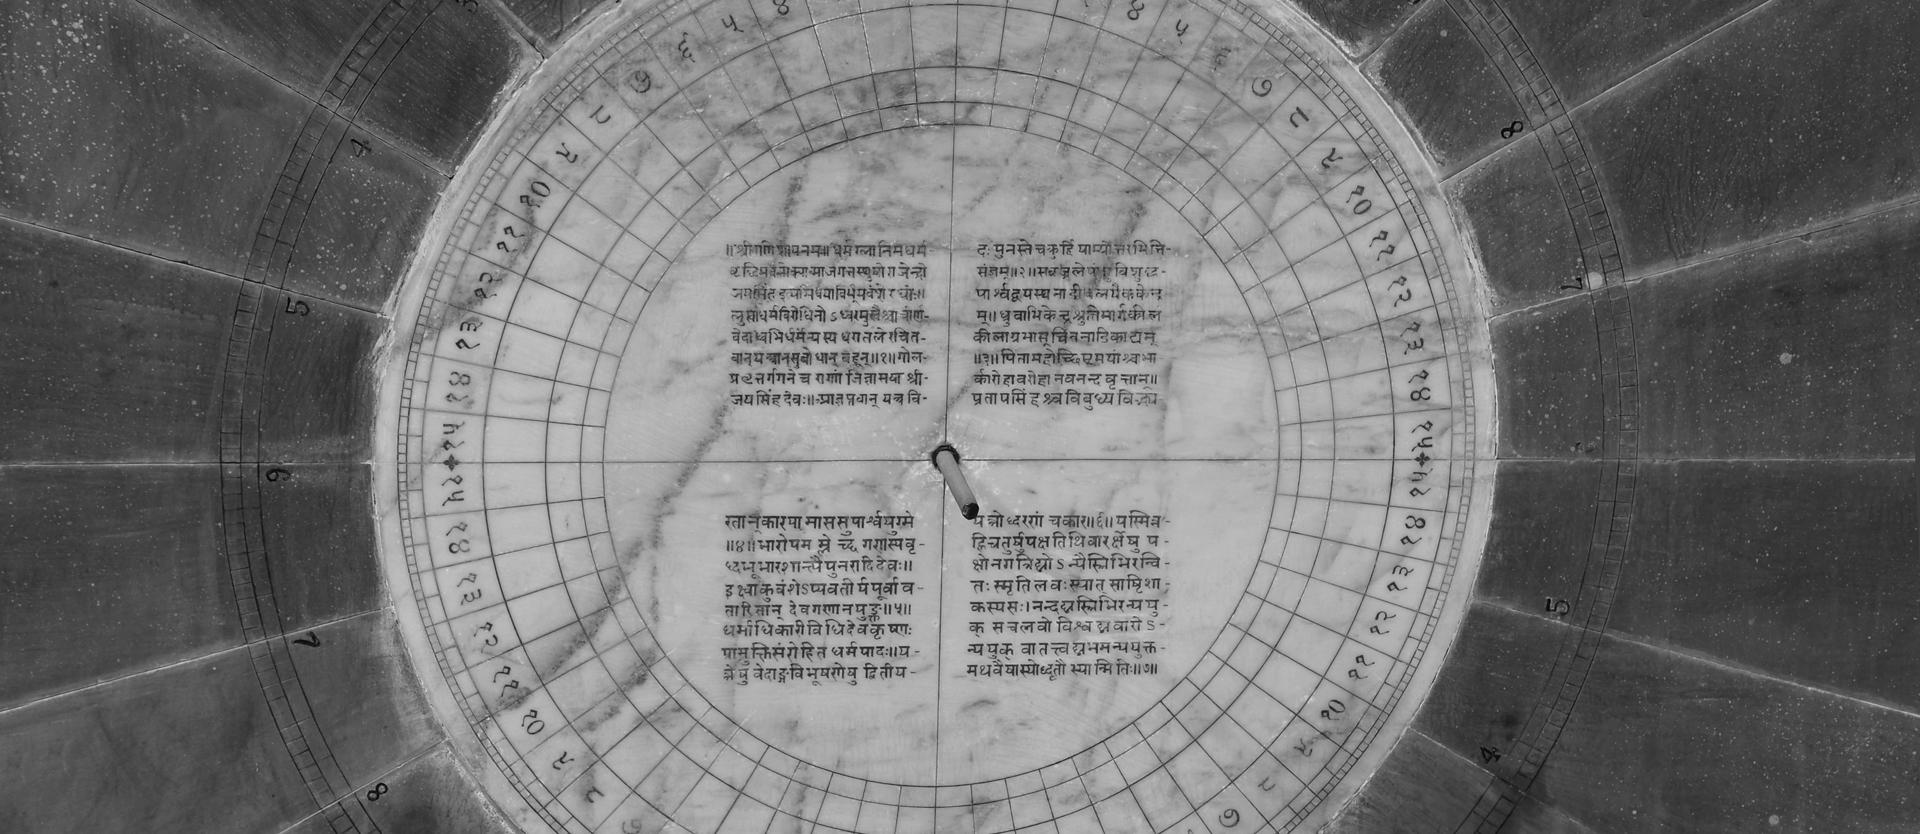 יואל שתרוג - אדמה יוצרת - ג'אנטאר מאנטאר - הודו - מסע בזמן